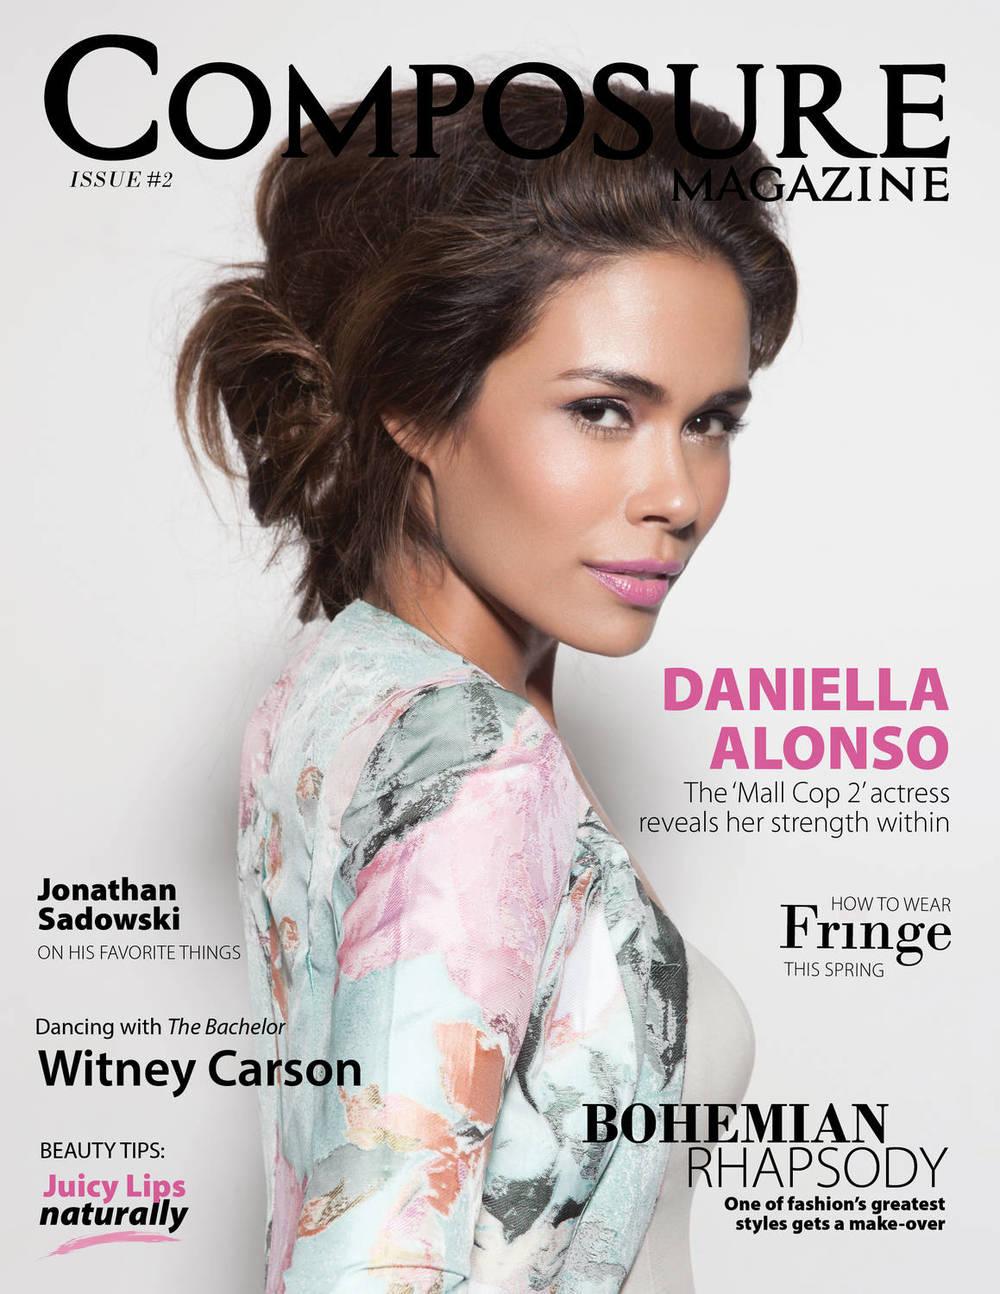 Daniella Alonso - Mall Cop 2